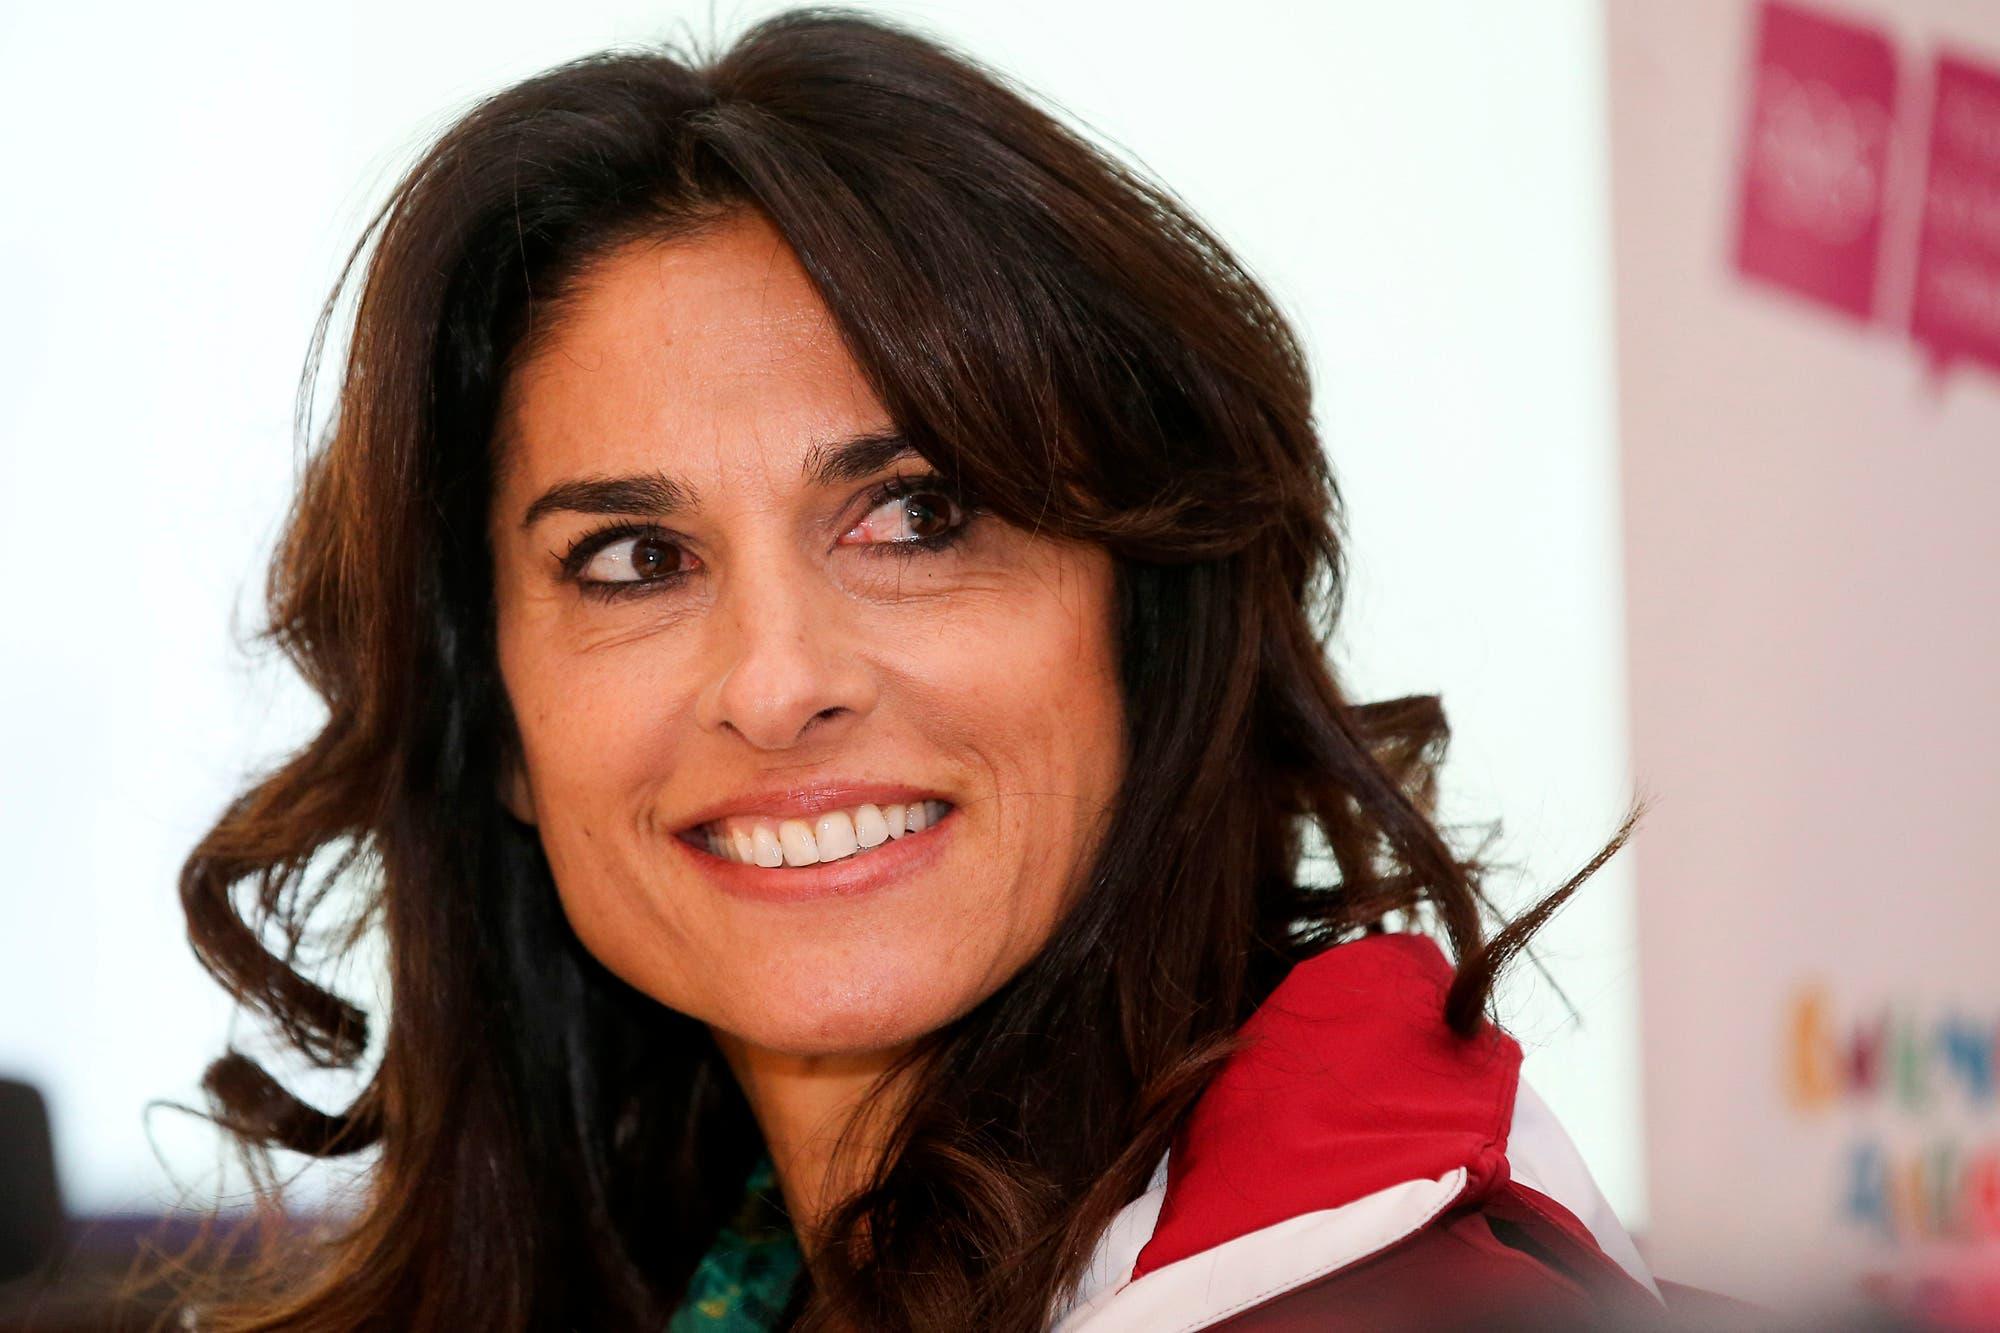 Gabriela Sabatini brilla en París: hoy recibe la máxima distinción de la Federación Internacional de Tenis